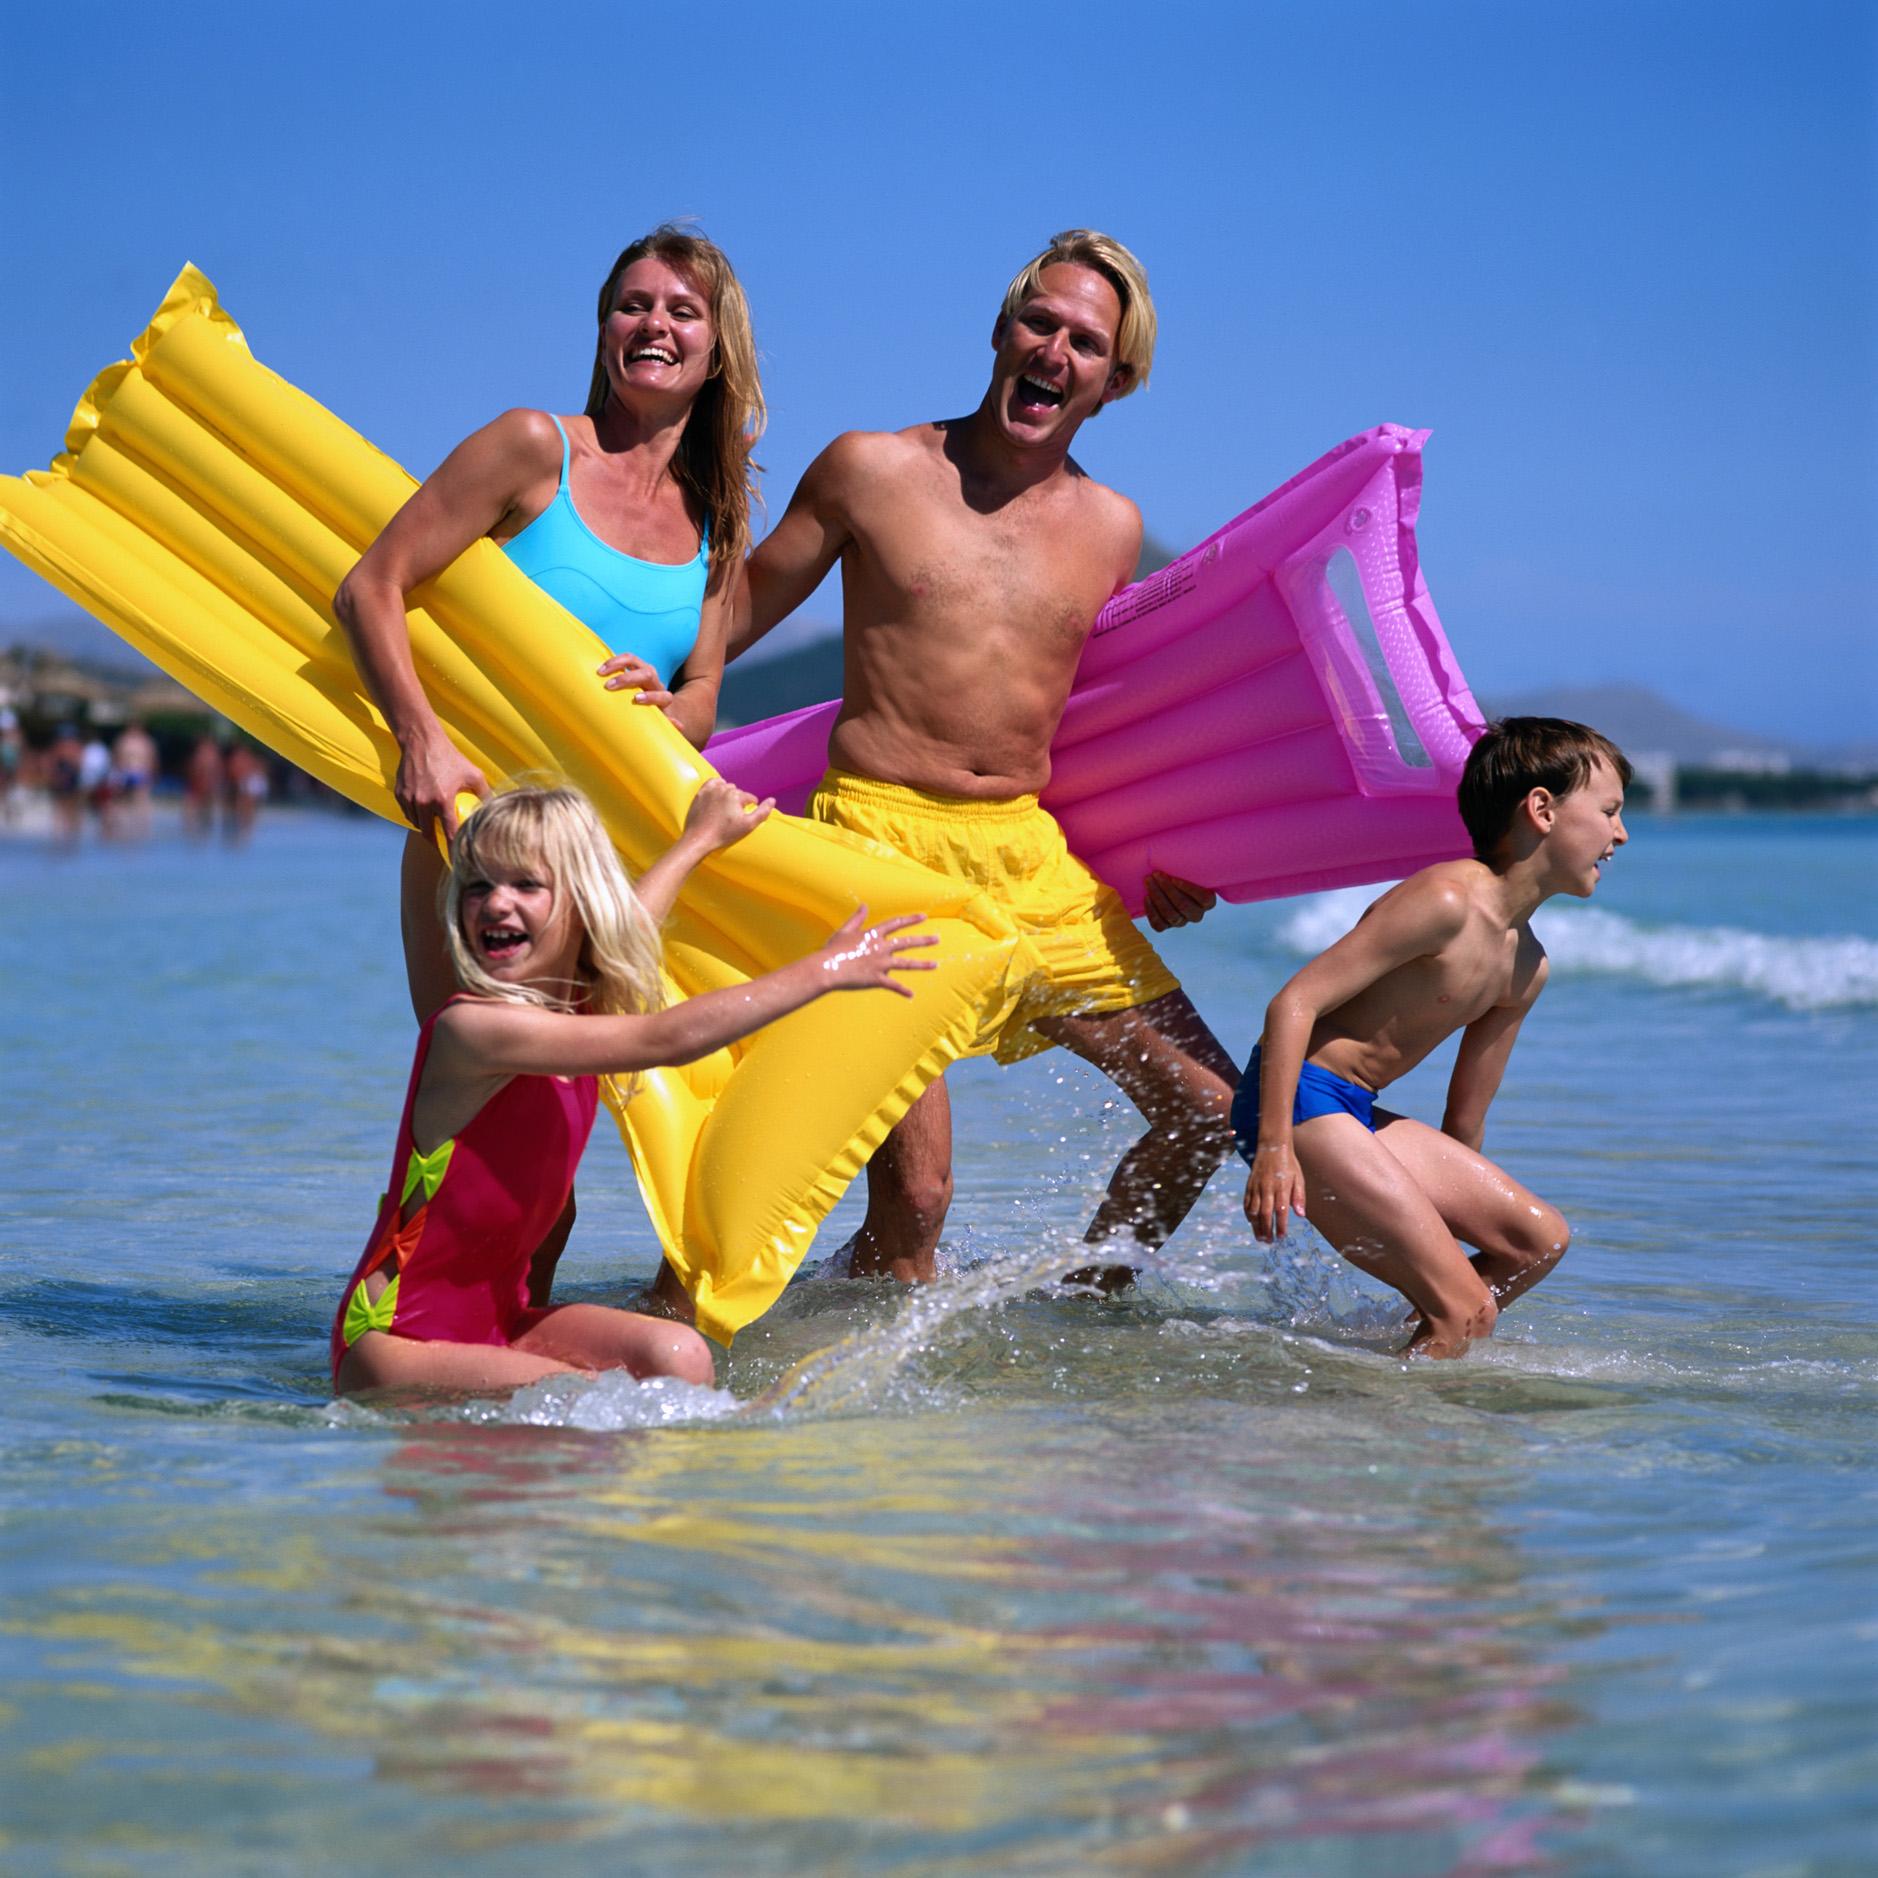 Семейный отдых на пляже фото 11 фотография